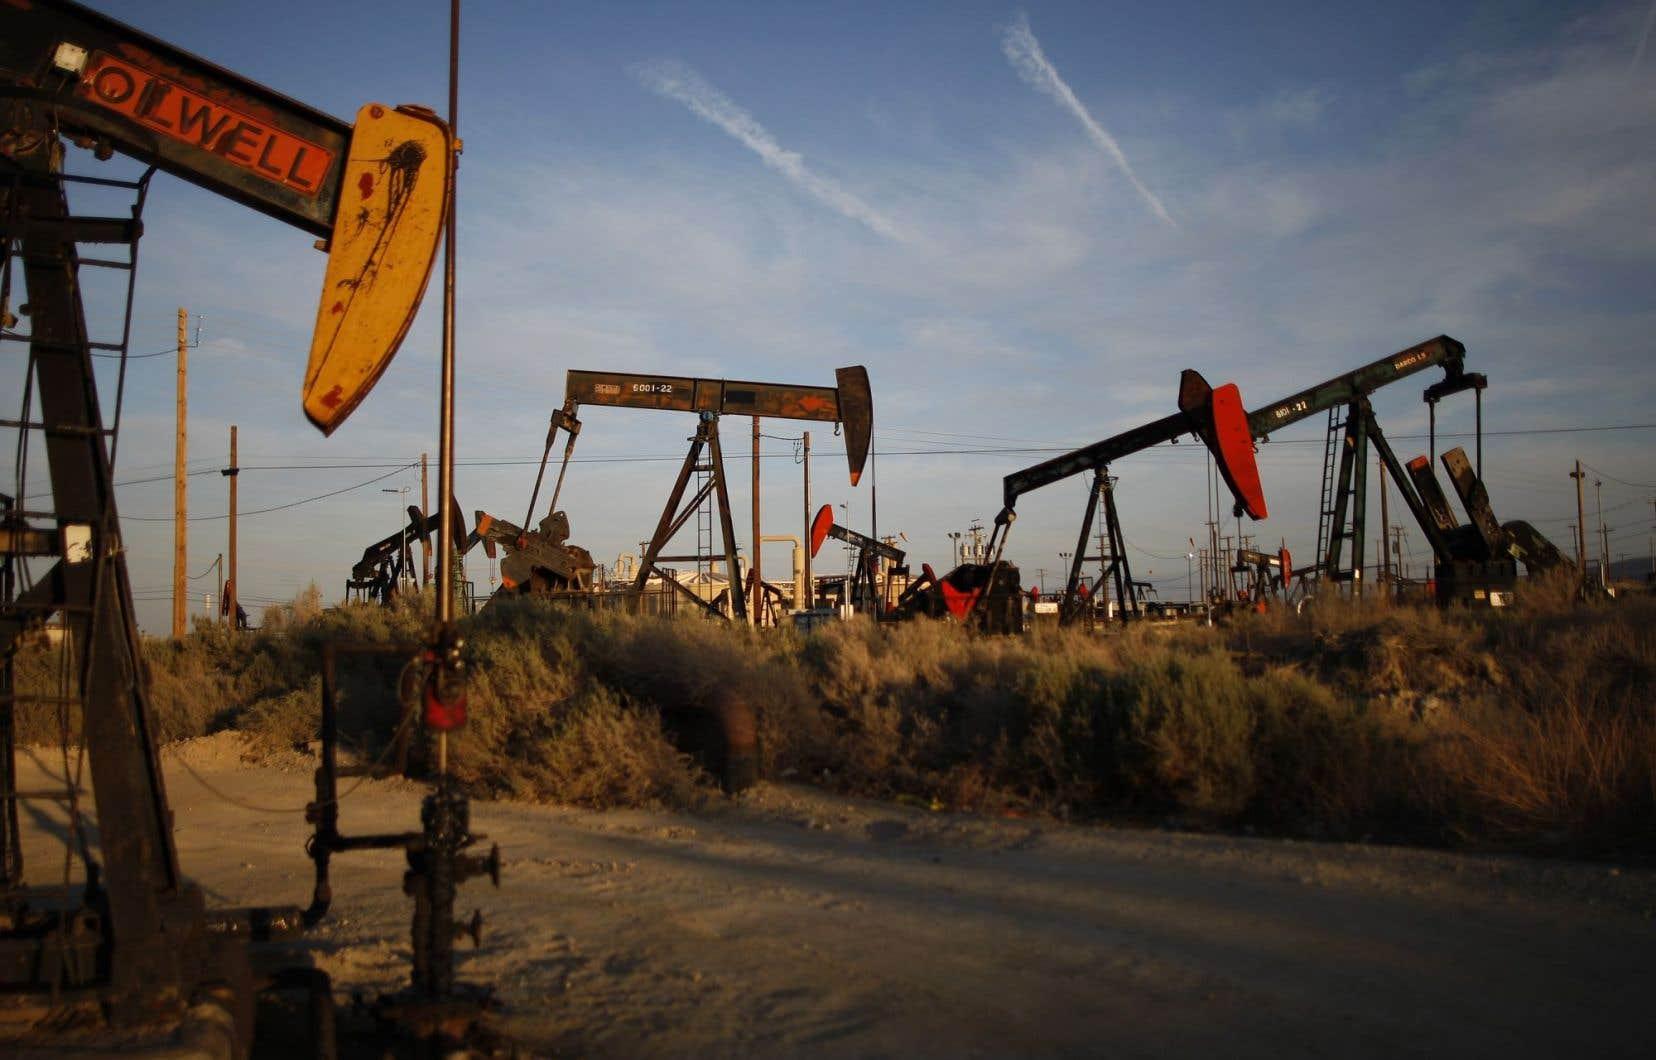 Les nouvelles technologies qui ont alimenté le développement des formations de gaz et de pétrole de schiste ont permis aux États-Unis d'augmenter leur production pétrolière.